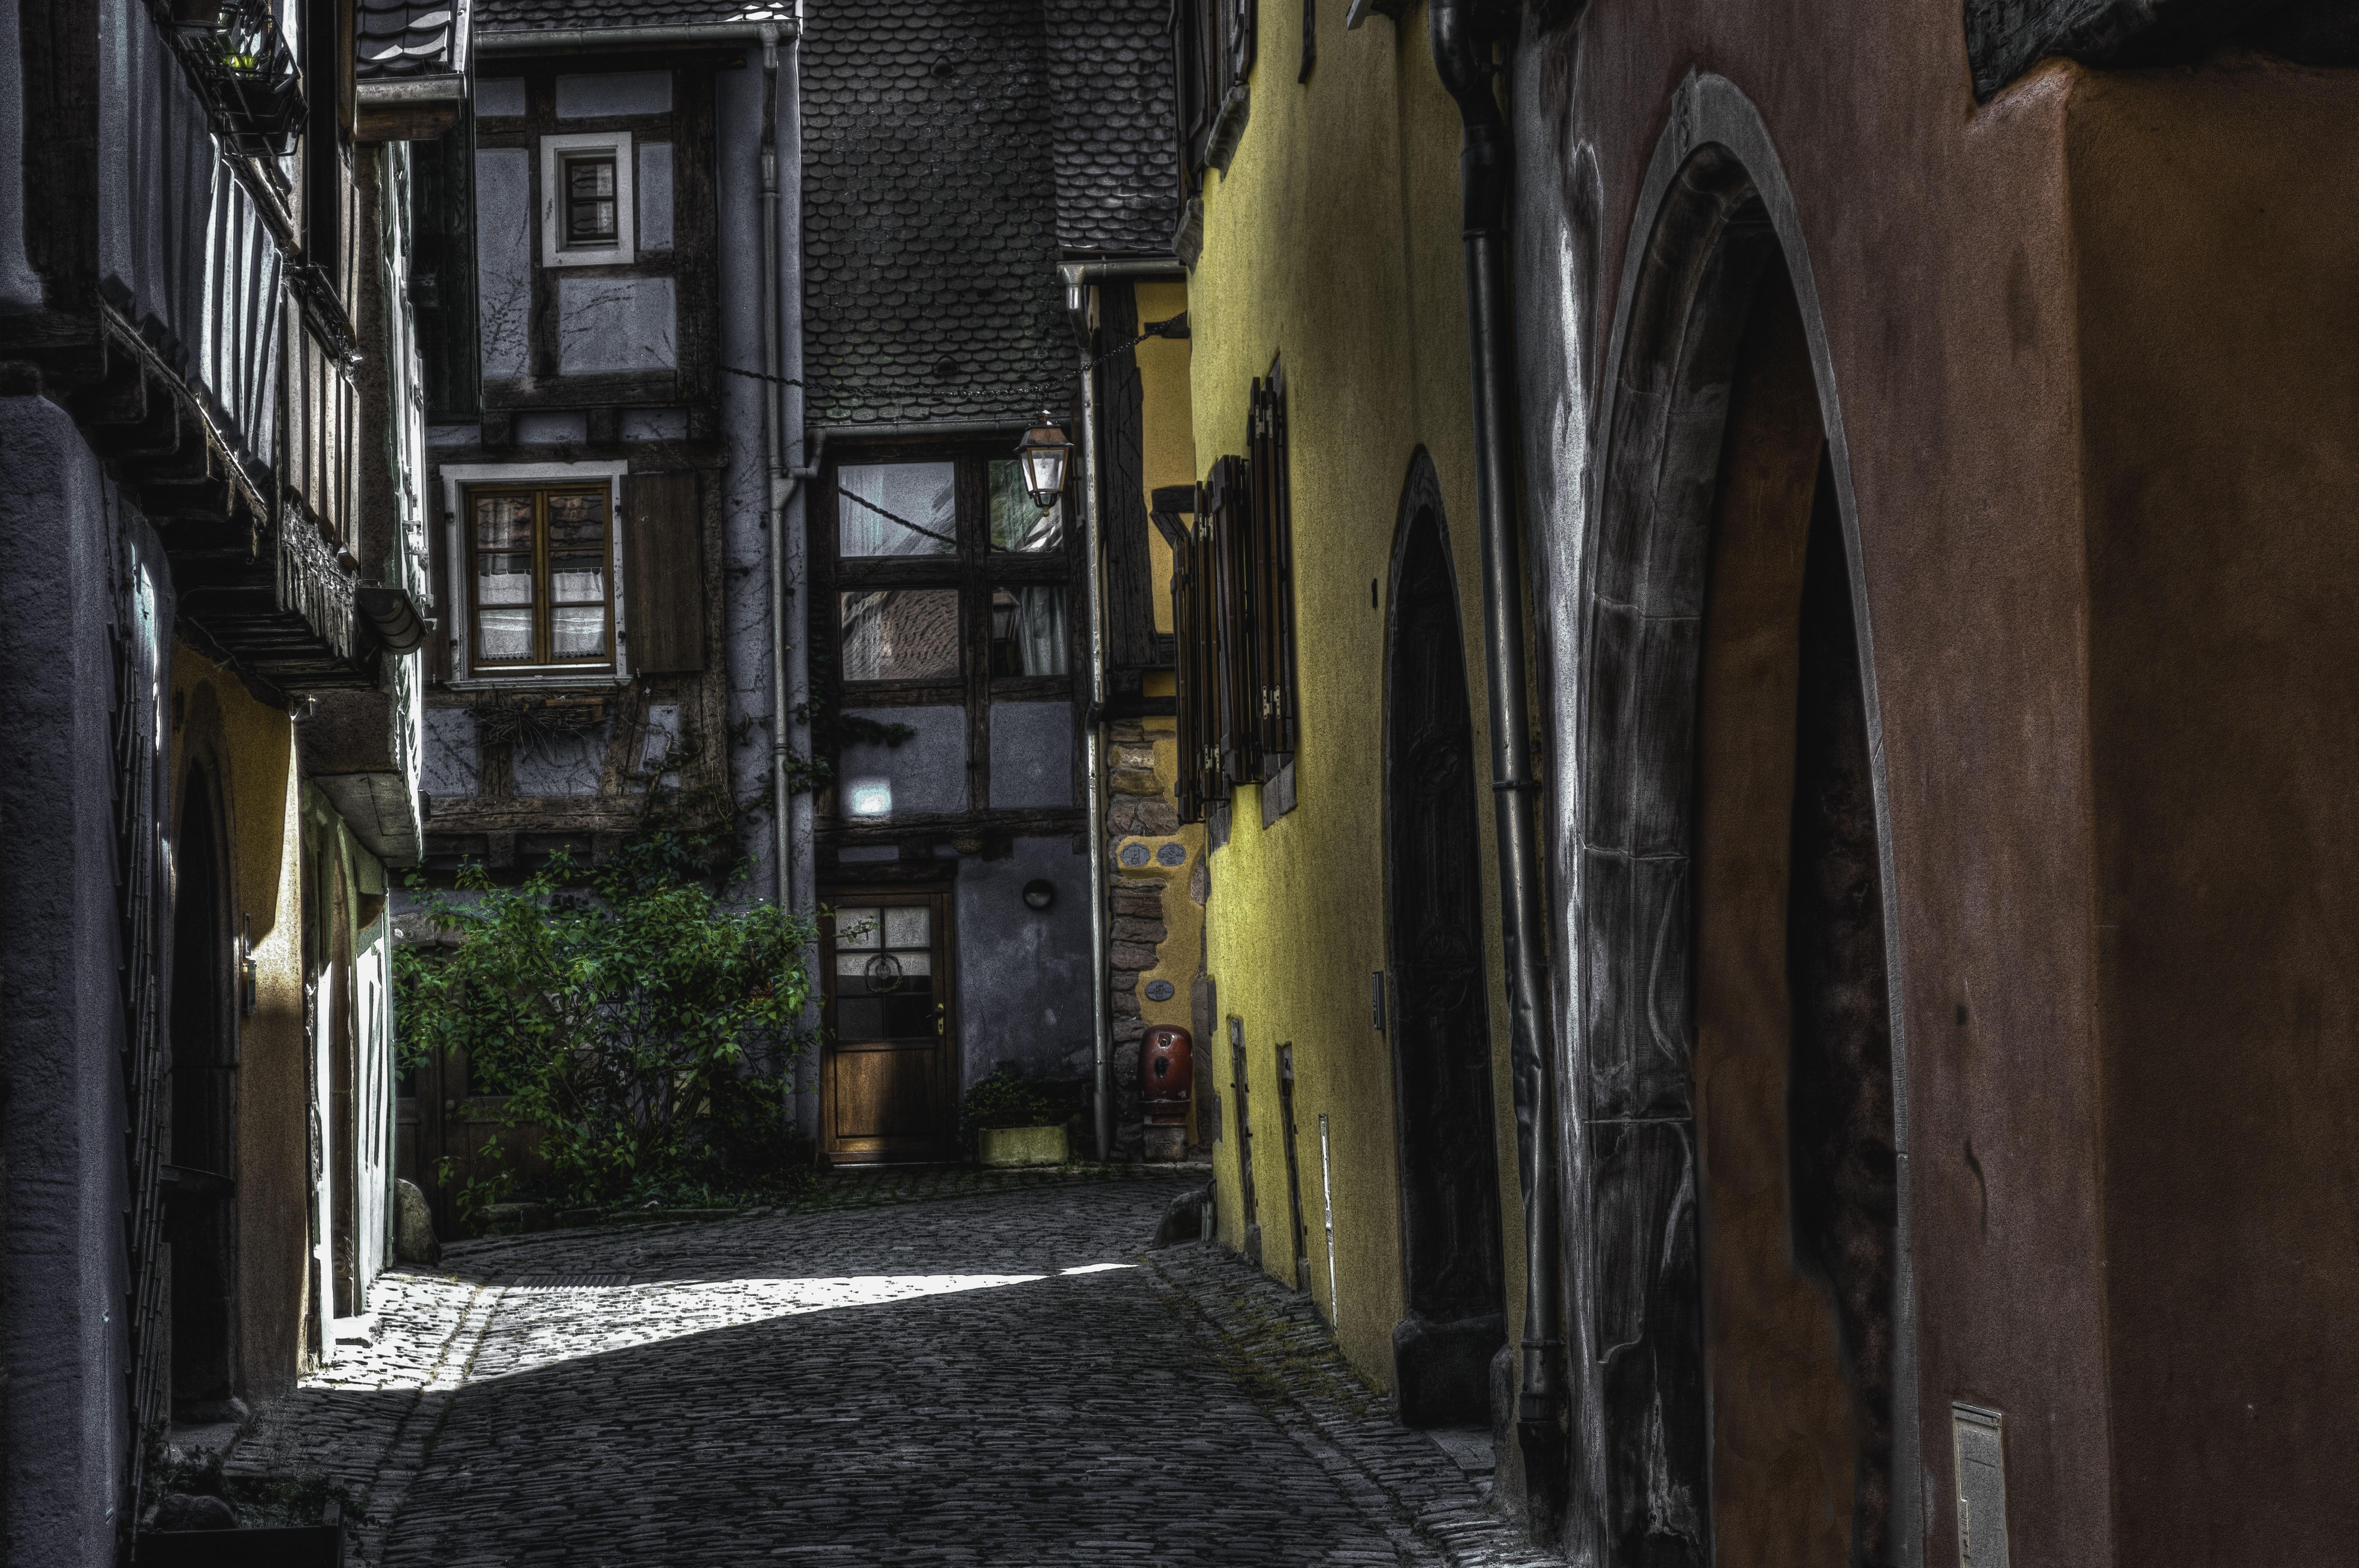 Immagini belle : strada casa cittadina vicolo francia oscurità